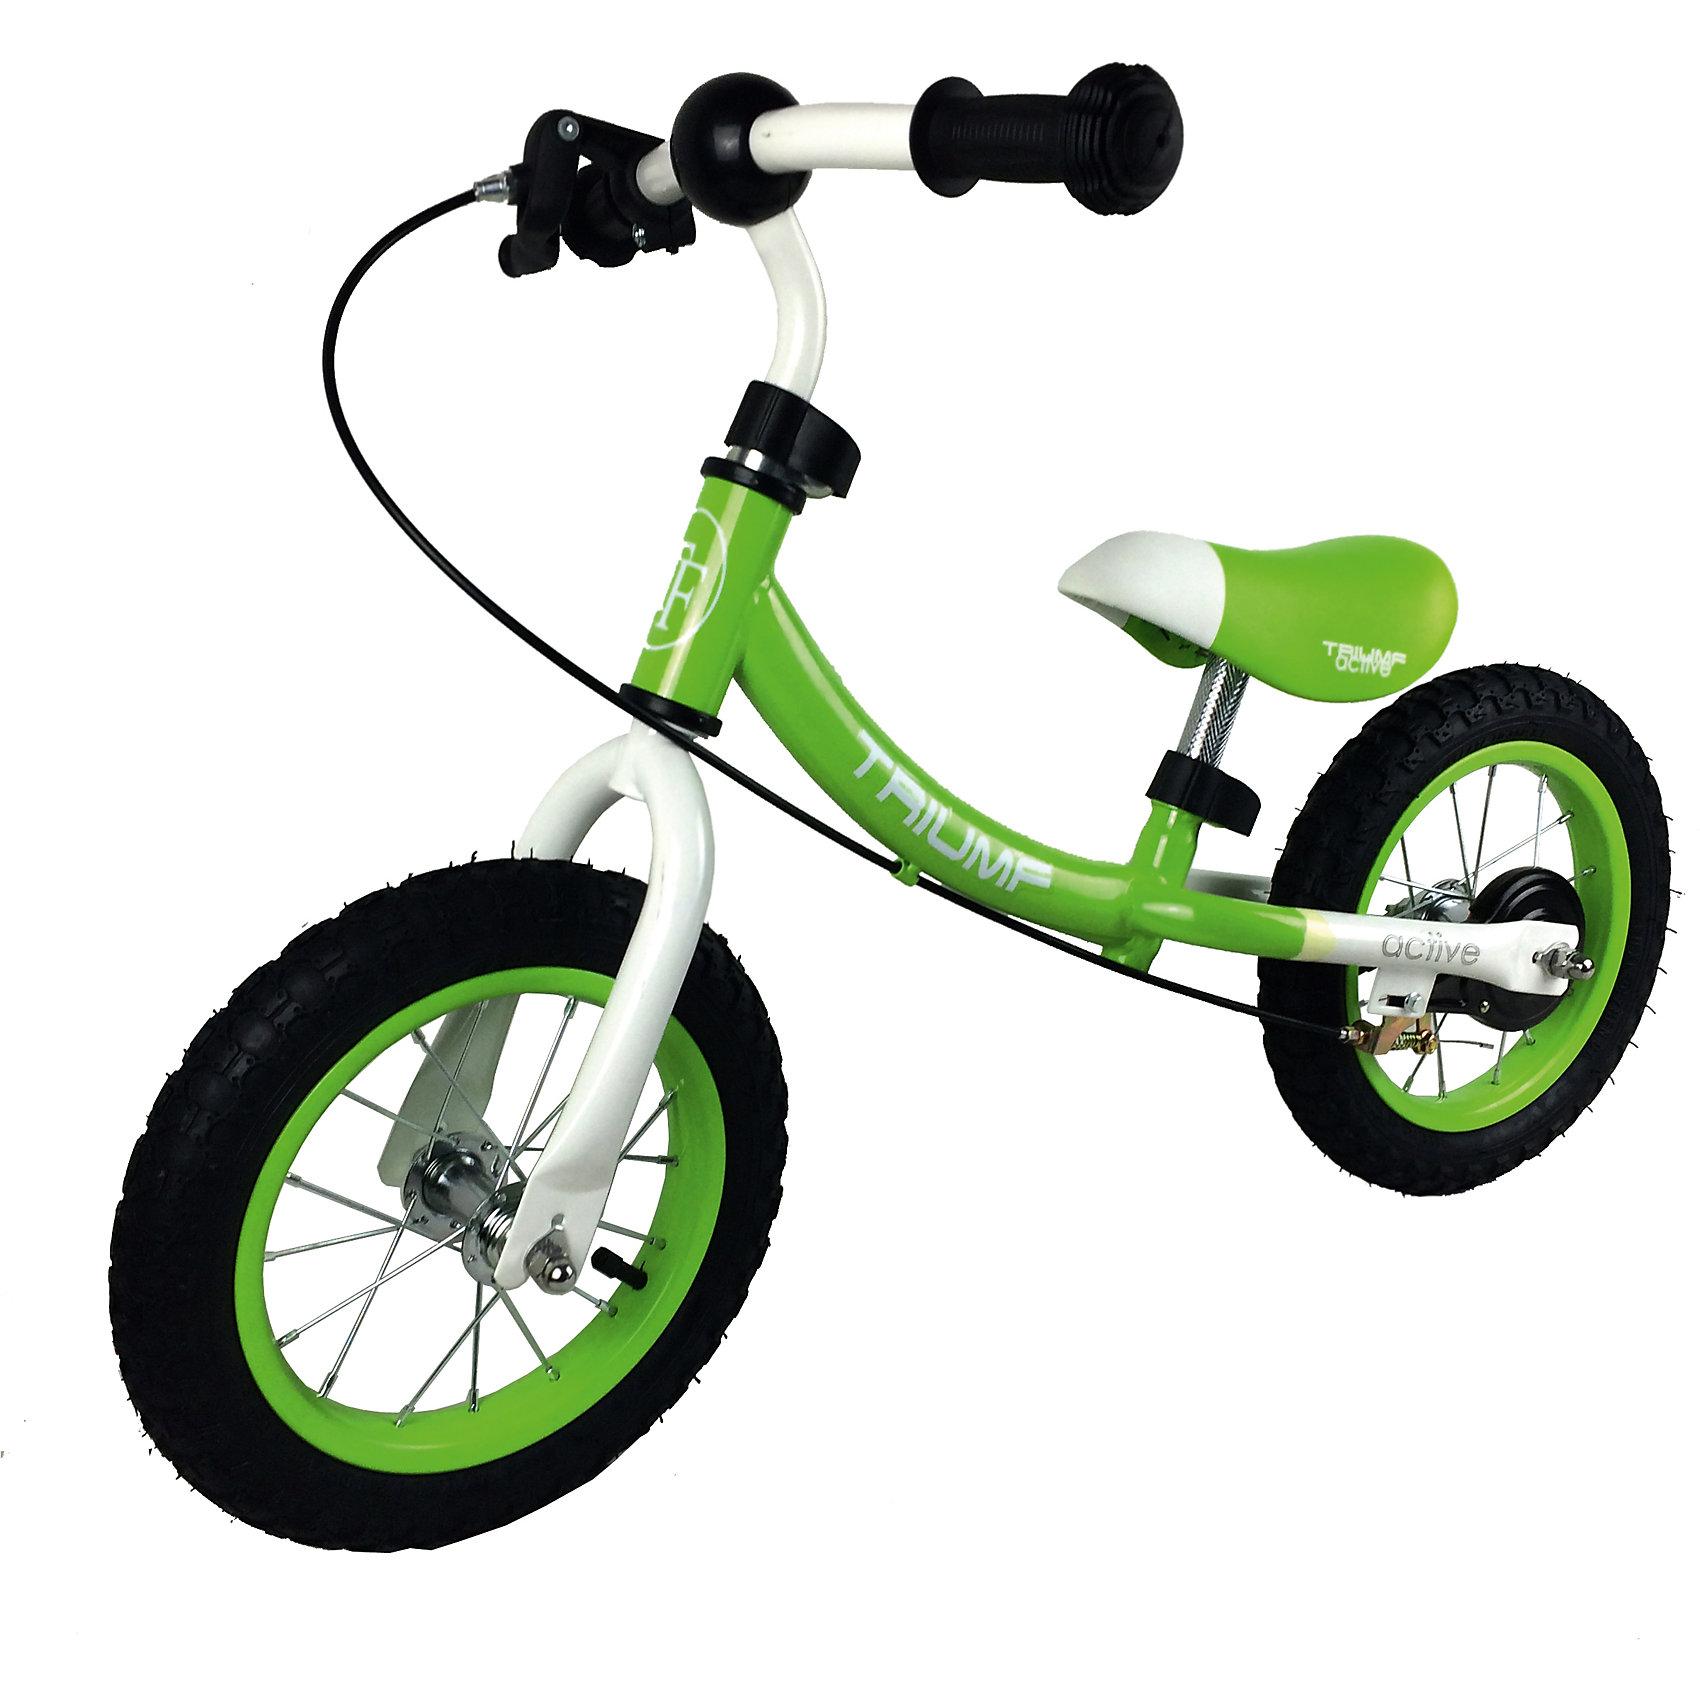 Беговел, Triumf active, зеленыйБеговелы<br>Супер легкий беговел 2 в 1 с надувными колесами и ручным тормозом<br>Максимальный вес наездника 35кг.<br>Для детей от 2 до 5 лет.<br>Размеры (д*ш*в) 87*40*58<br>Размер колес: 12 дюймов.<br>Минимальная максимальная высота сиденья от пола: 33-37 см.<br>Минимальная максимальная высота ручки от пола: 52-55 см.<br>Масса брутто и нетто: 5.0 / 4.5 кг.<br>Прорезиненные ручки<br><br>Ширина мм: 700<br>Глубина мм: 150<br>Высота мм: 300<br>Вес г: 5000<br>Возраст от месяцев: 24<br>Возраст до месяцев: 60<br>Пол: Унисекс<br>Возраст: Детский<br>SKU: 5518985